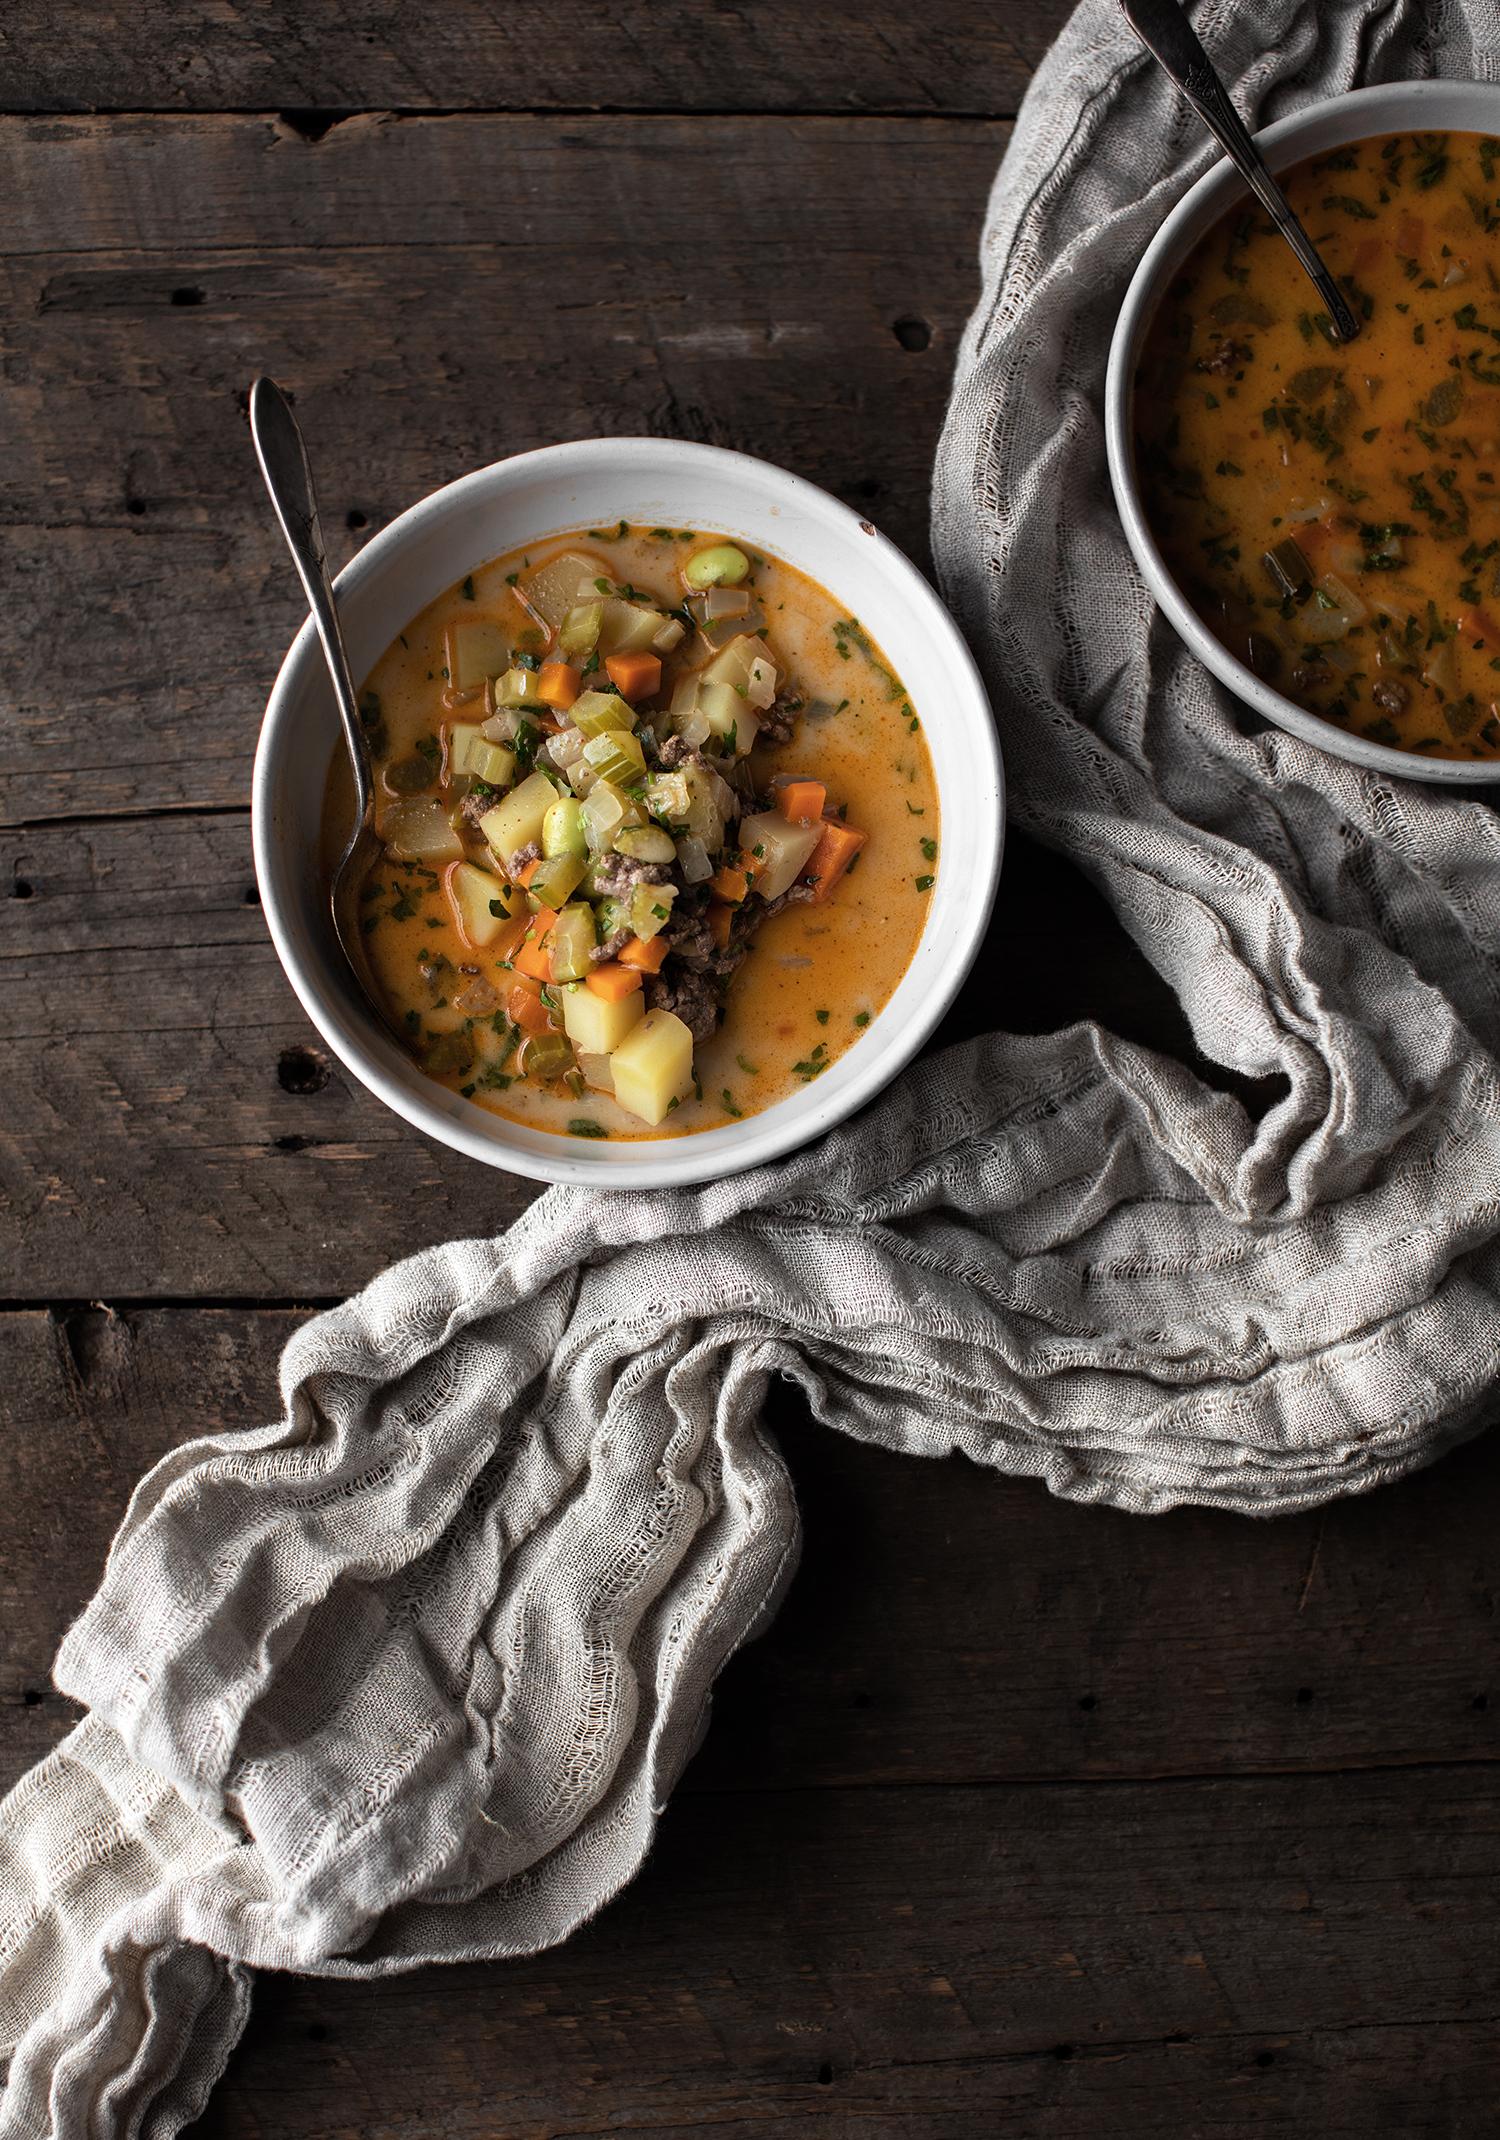 Soupe-repas au boeuf haché, aux légumes et au yogourt